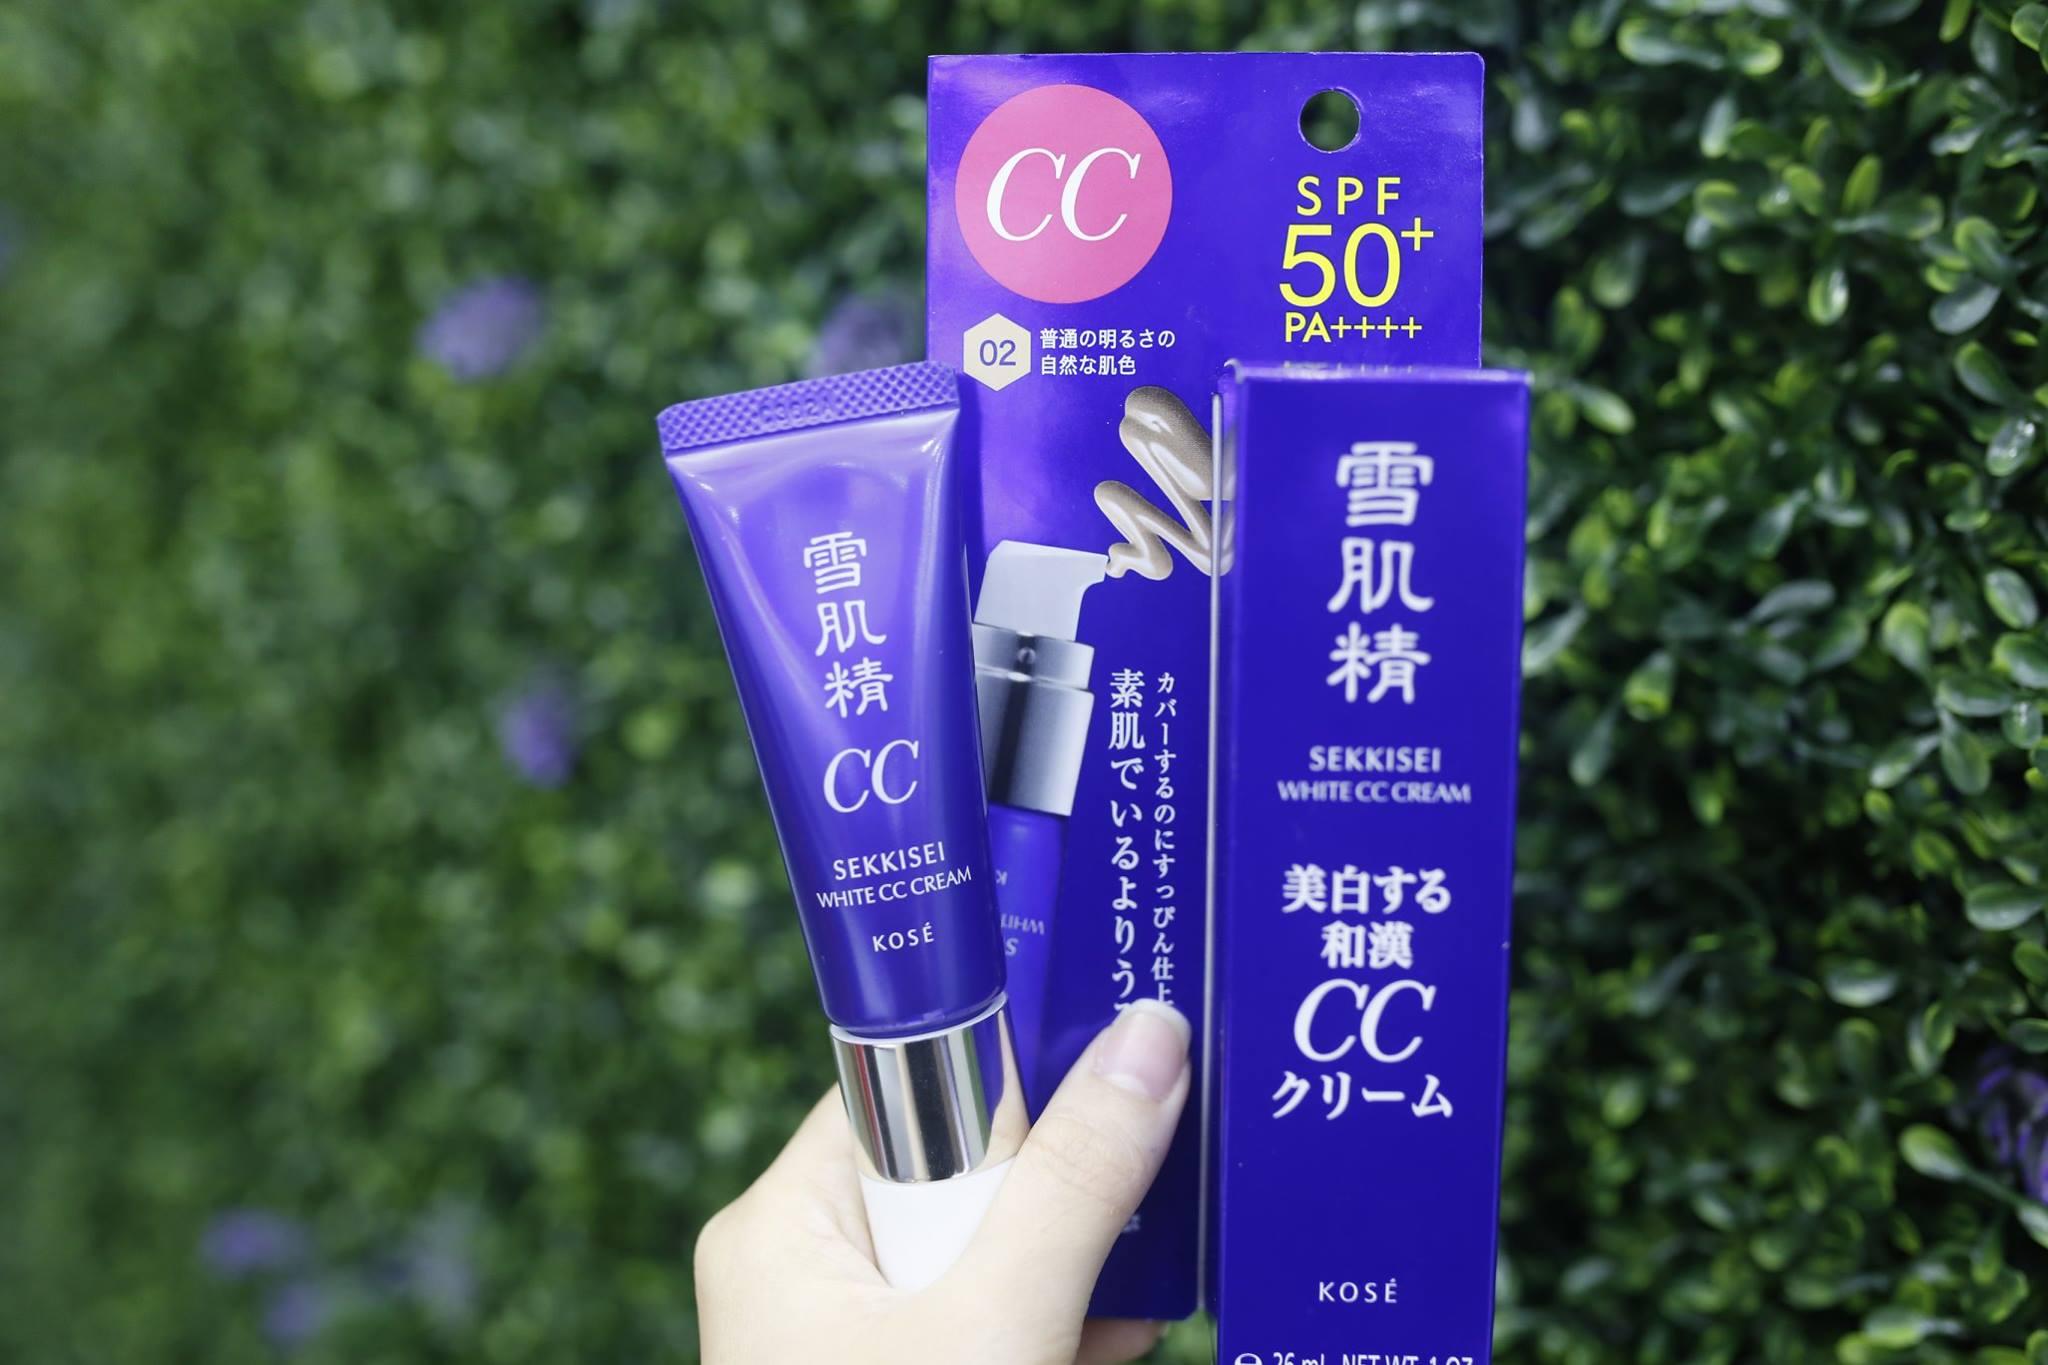 kem-trang-diem-kose-sekkisei-white-cream-spf50pa-28g